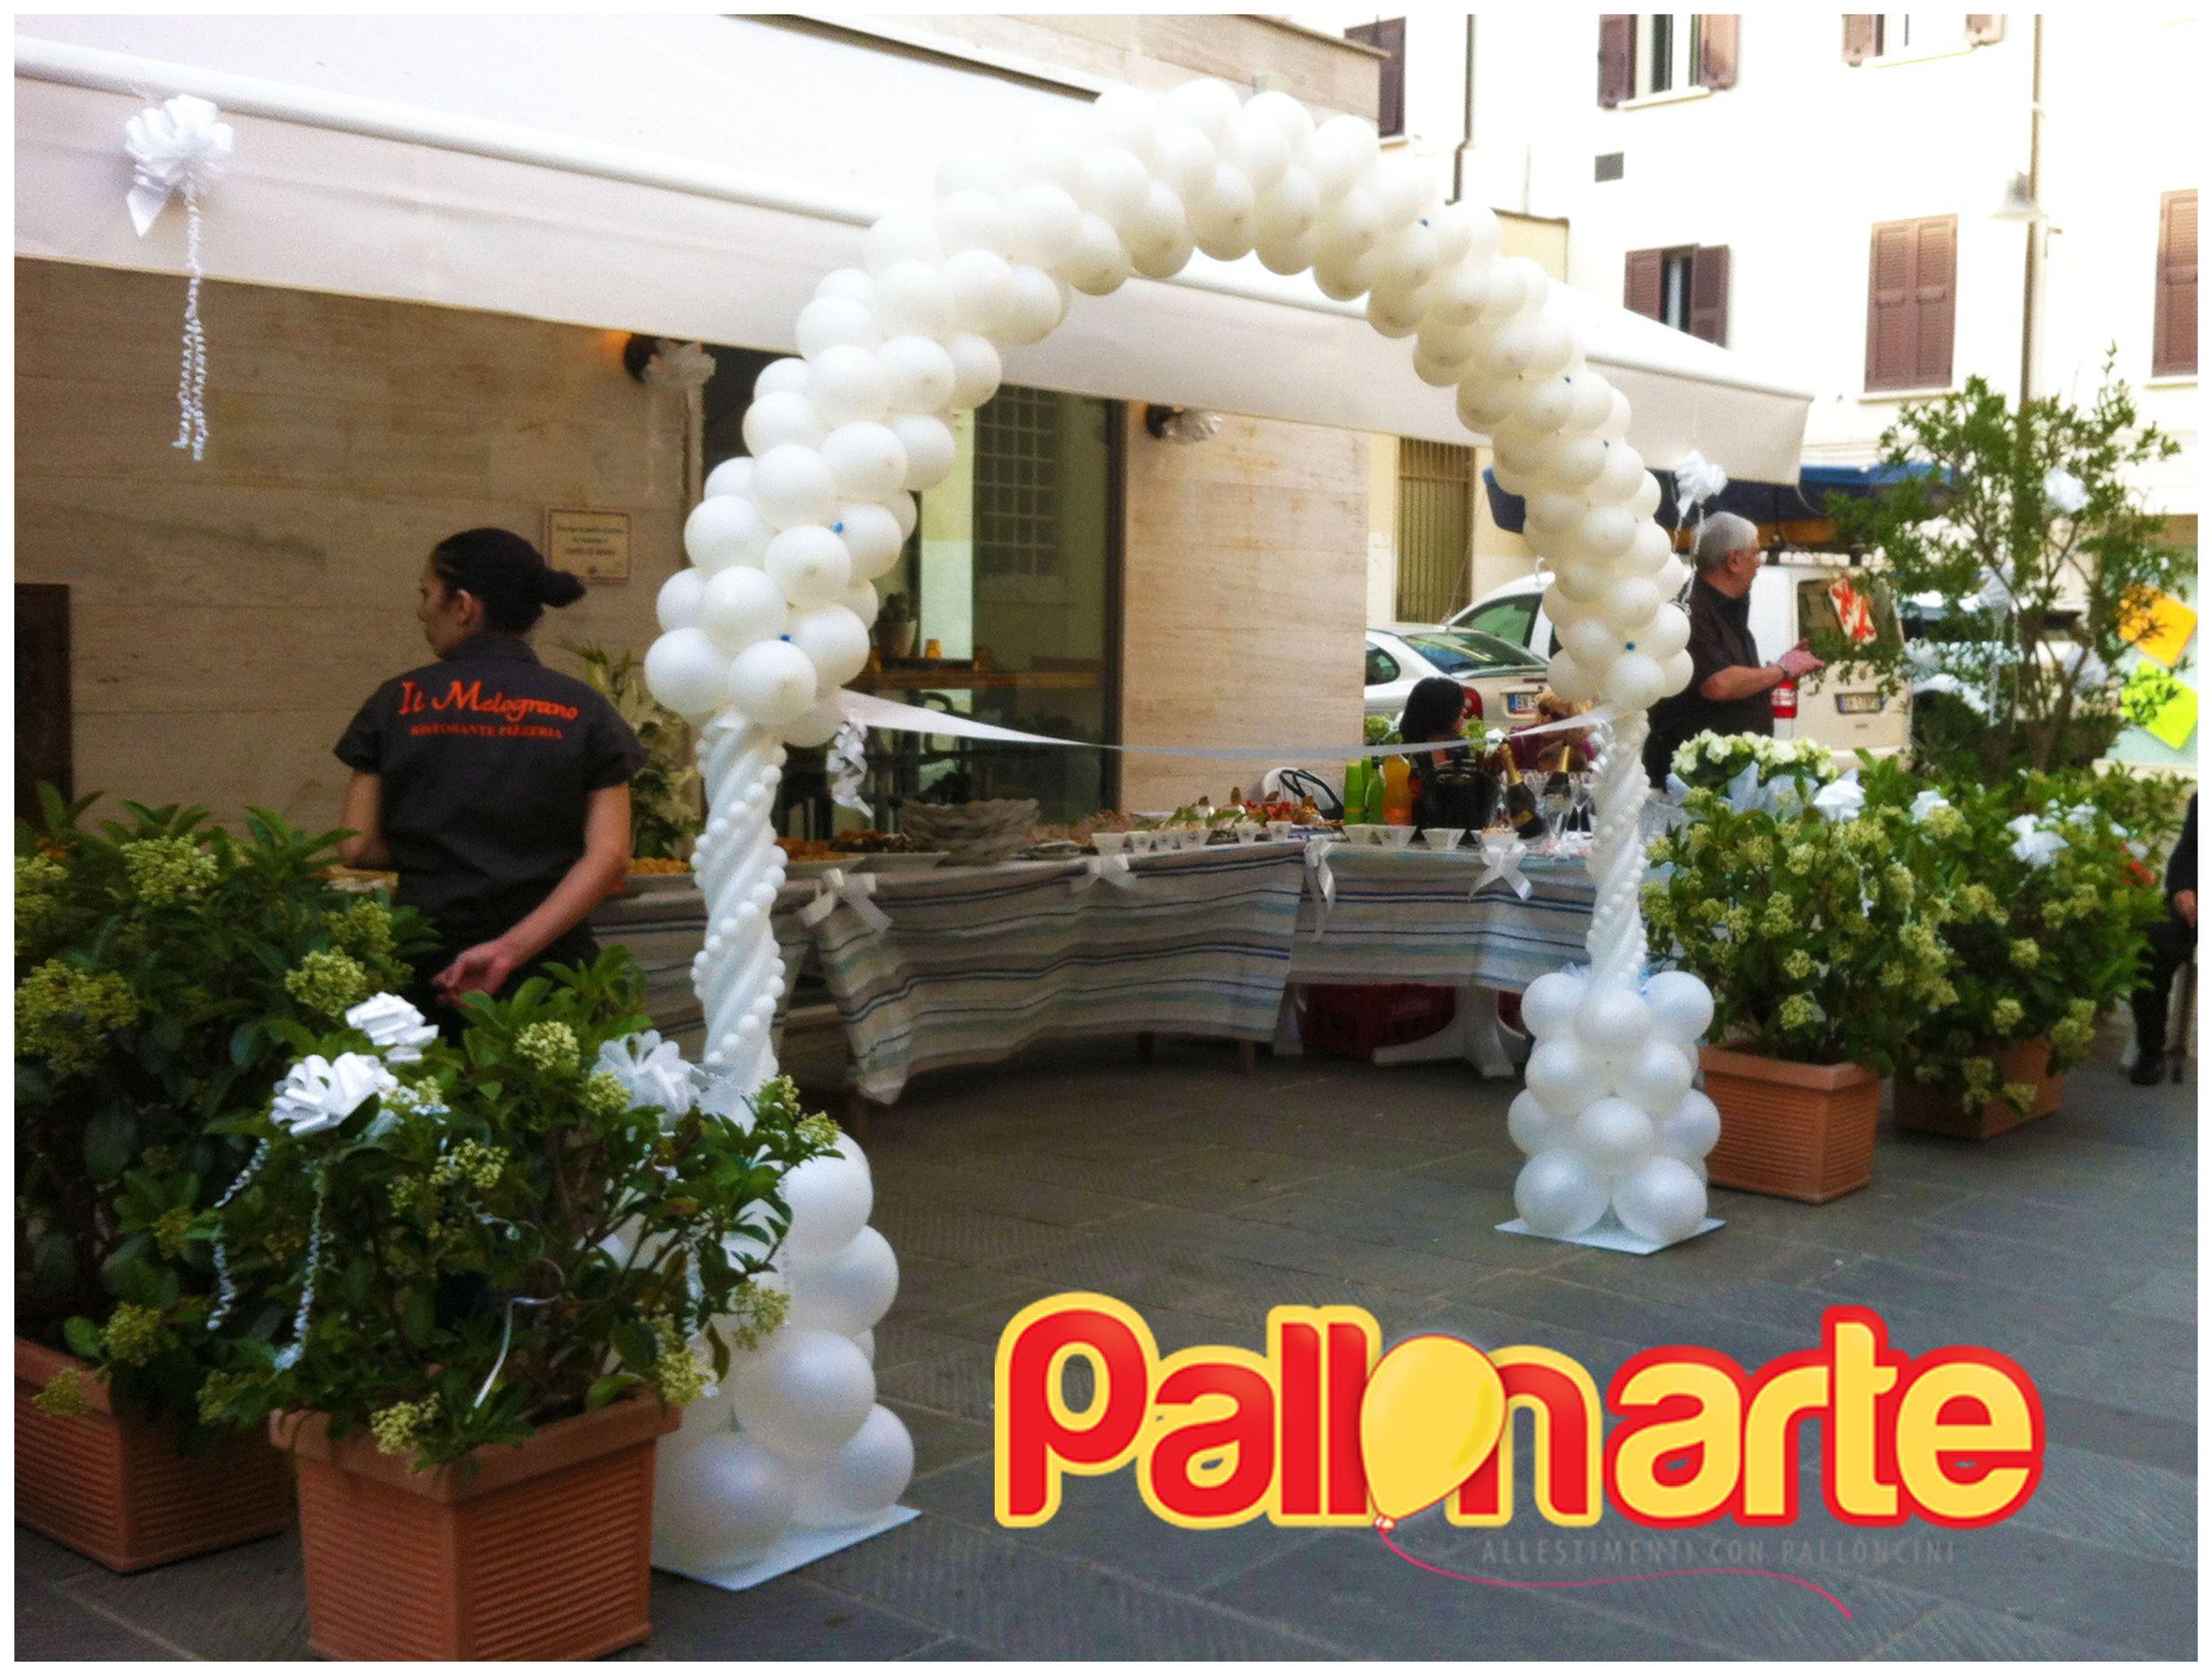 Arco Con Palloncini Matrimonio Palloncini Palloncini Matrimonio Matrimonio